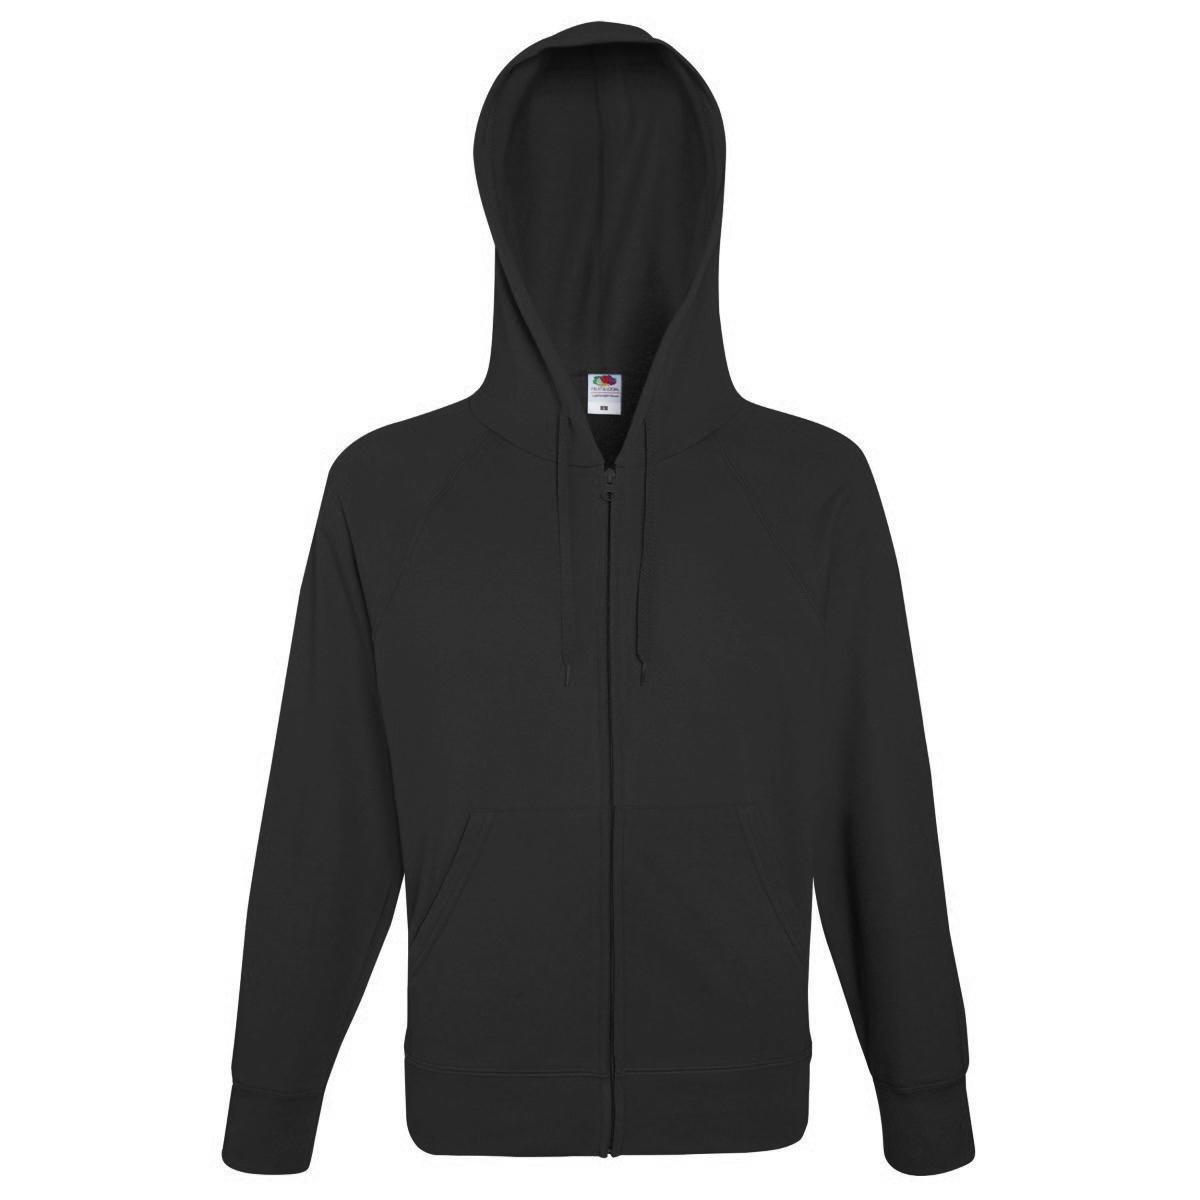 Lightweight hoodies